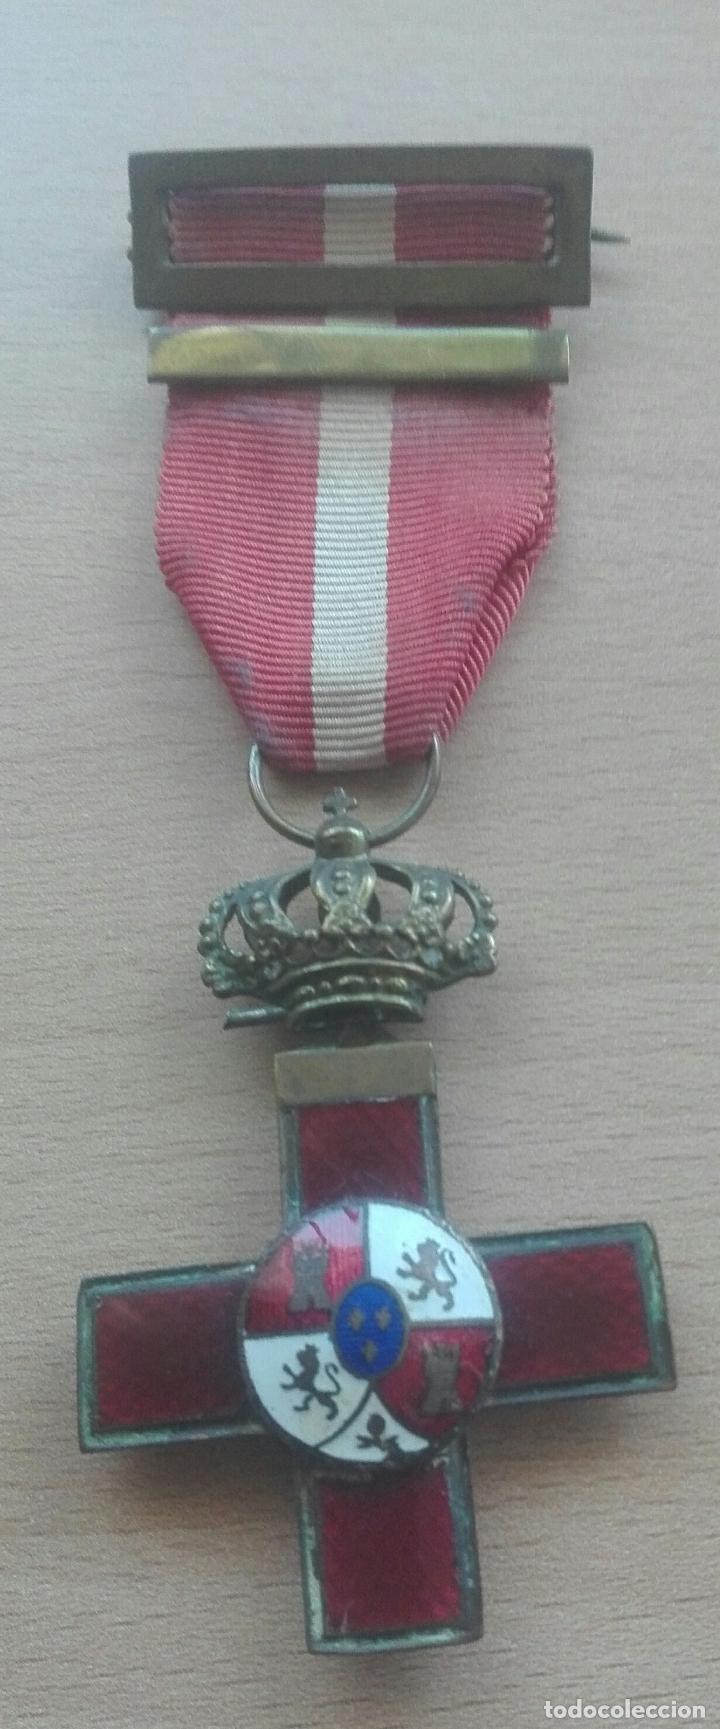 MEDALLA MÉRITO MILITAR ROJA. ÉPOCA ALFONSO XII (Militar - Medallas Españolas Originales )